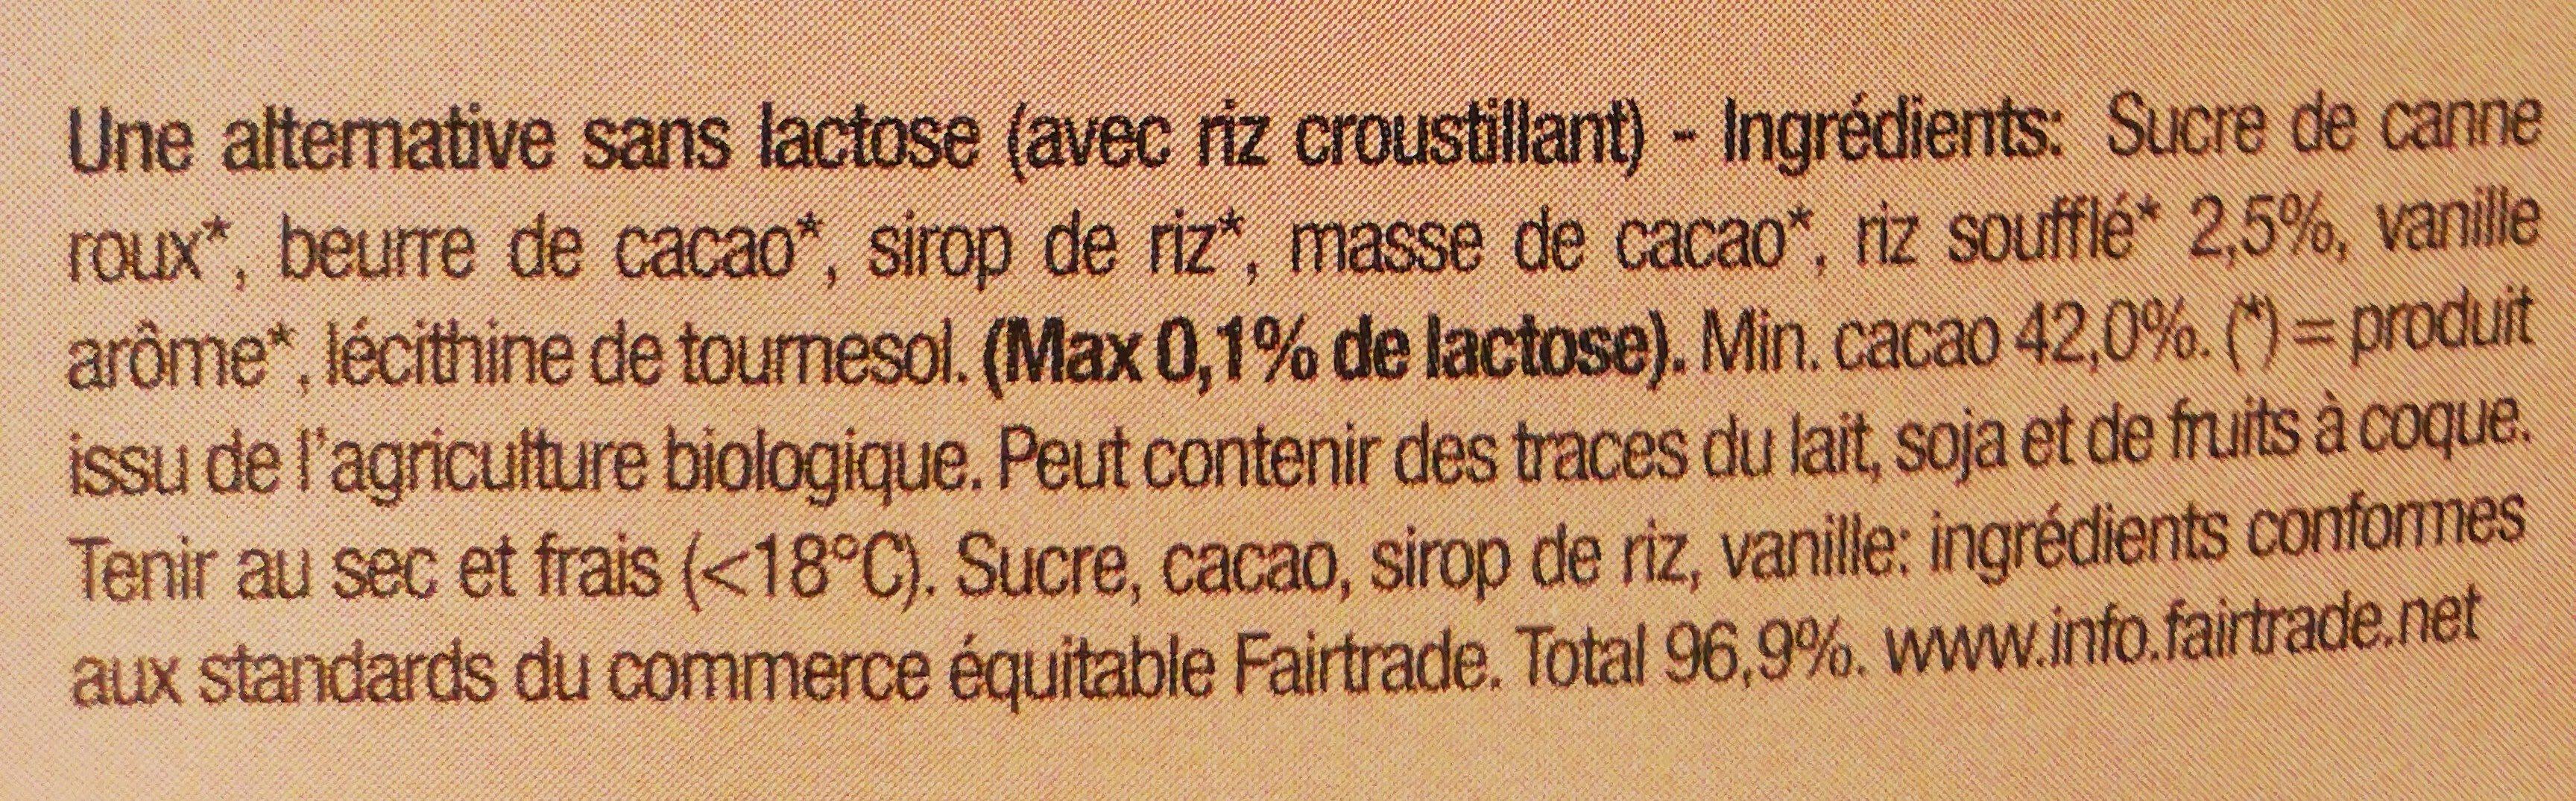 Chocolat lait de riz - Ingredients